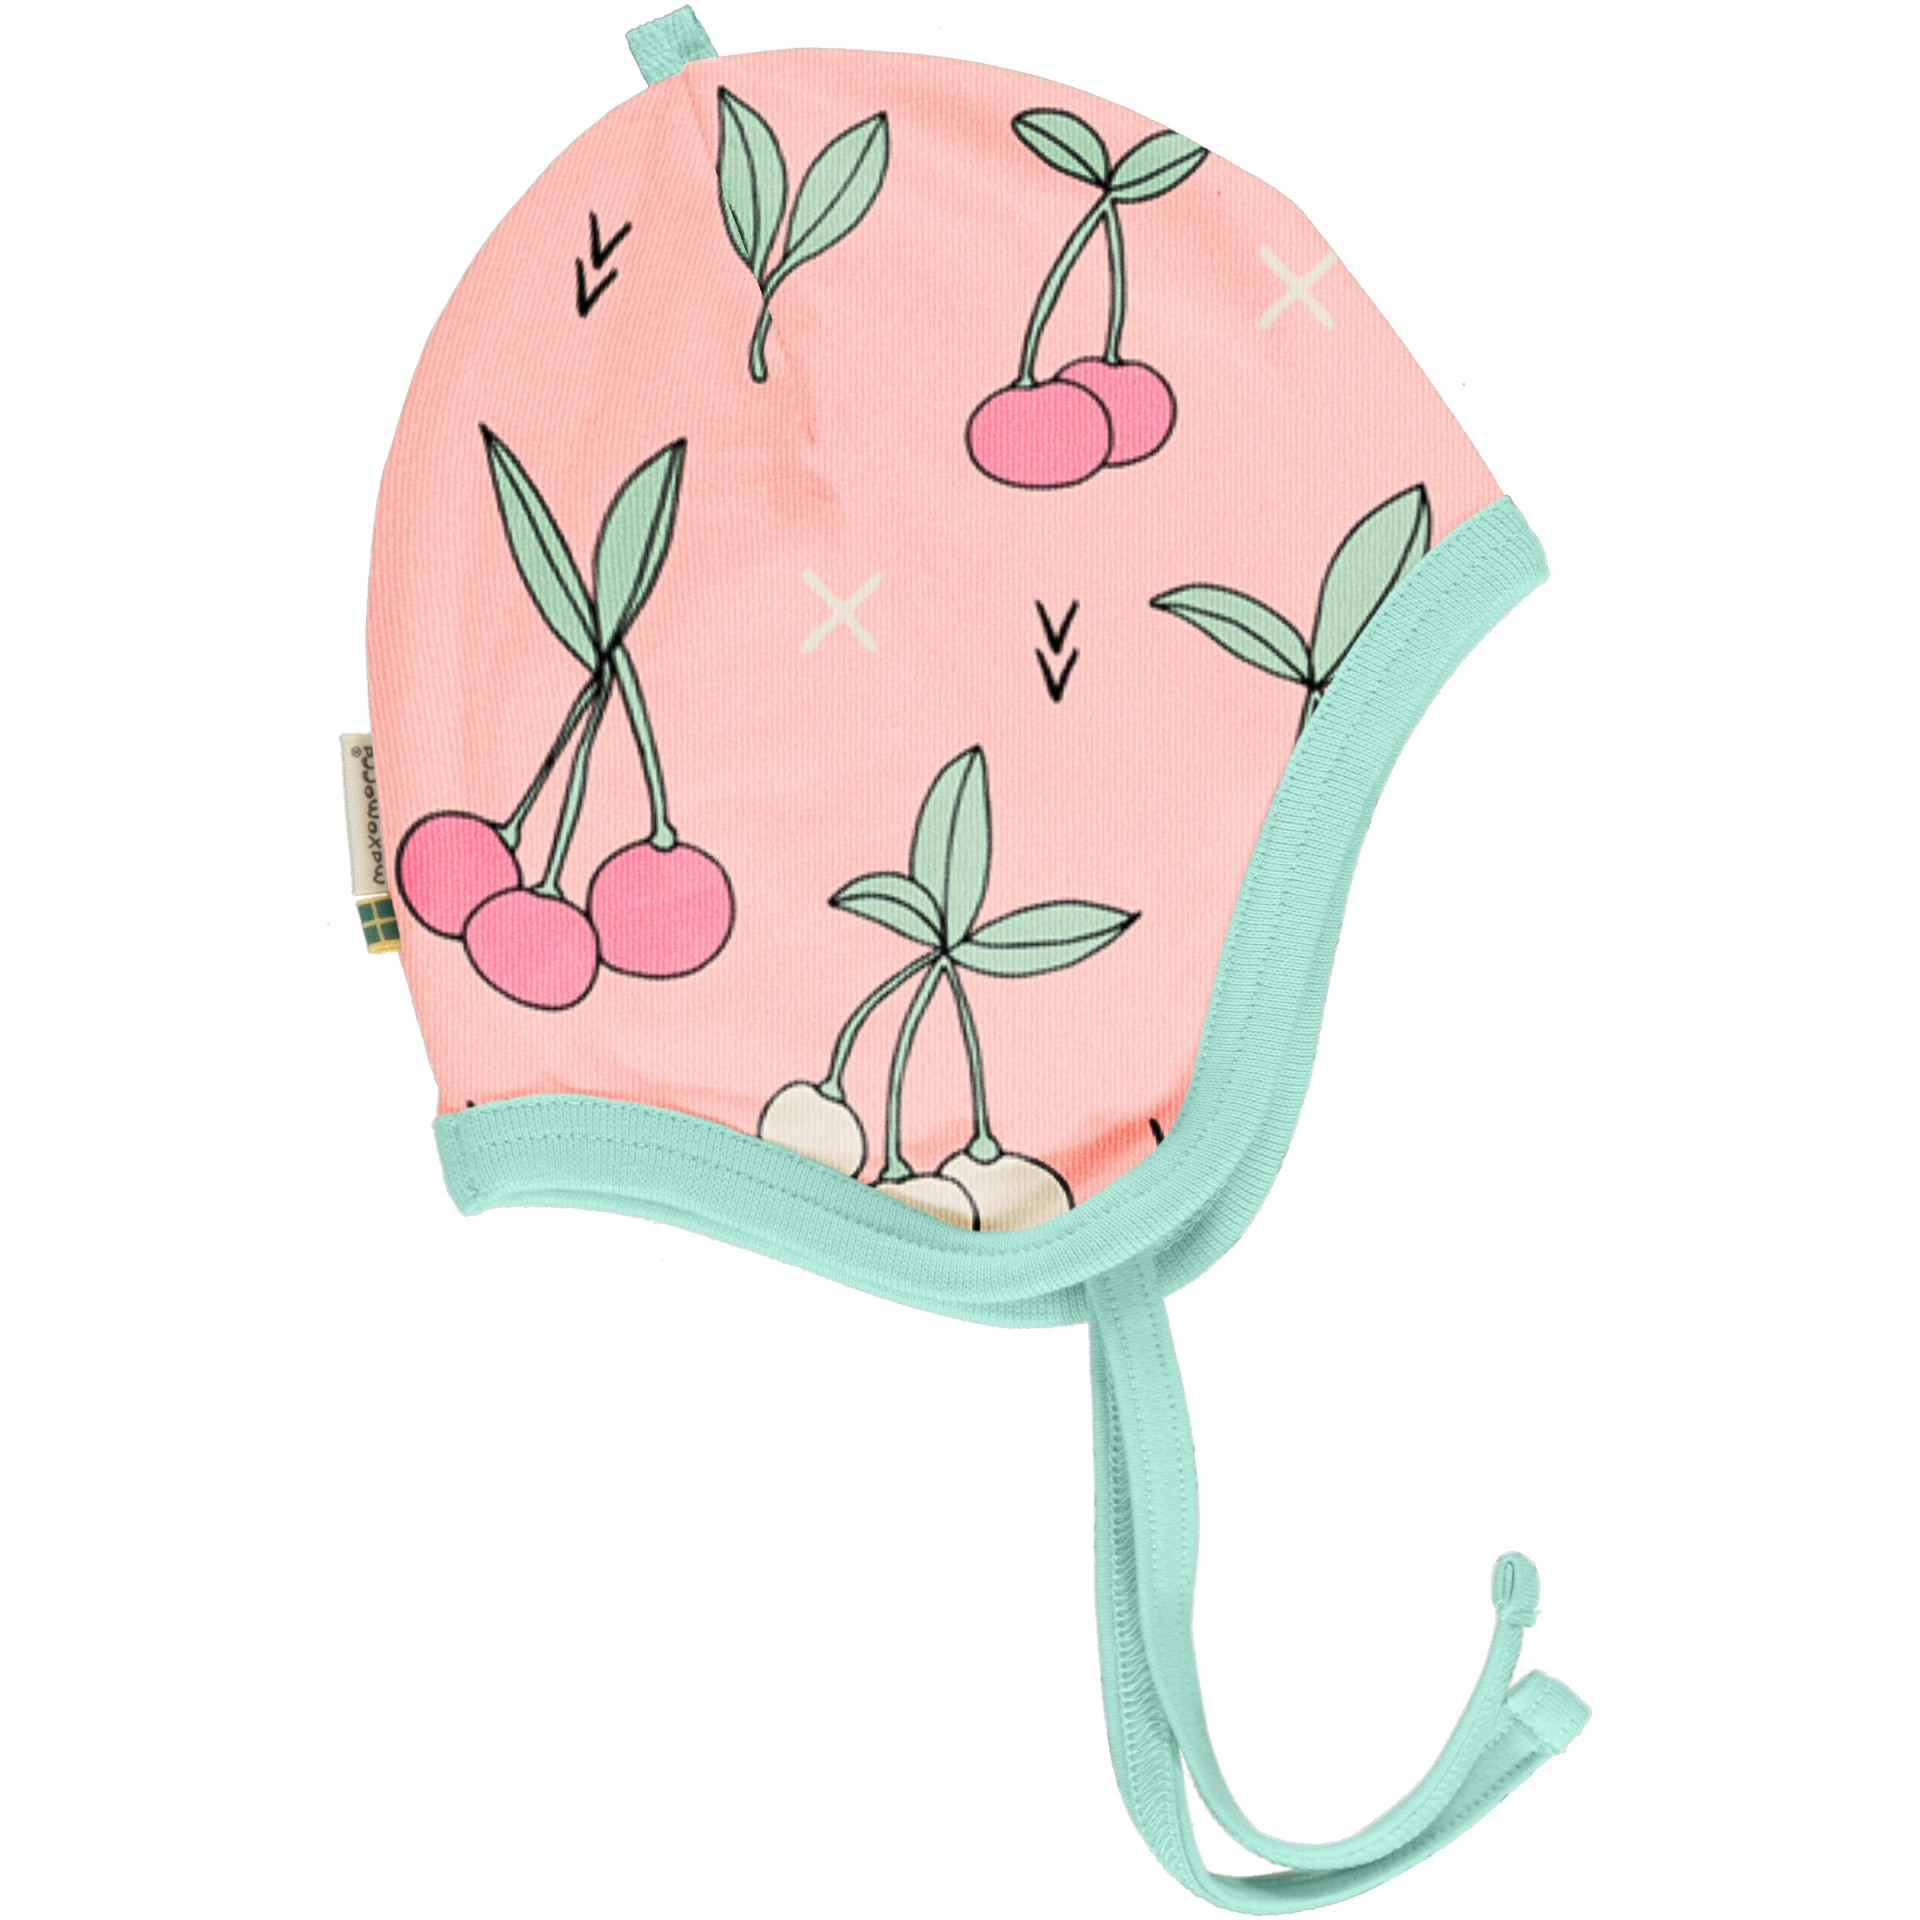 Gorro com fitas Cherry kiss Meyaday (Tamanhos disponíveis 44 e 48)